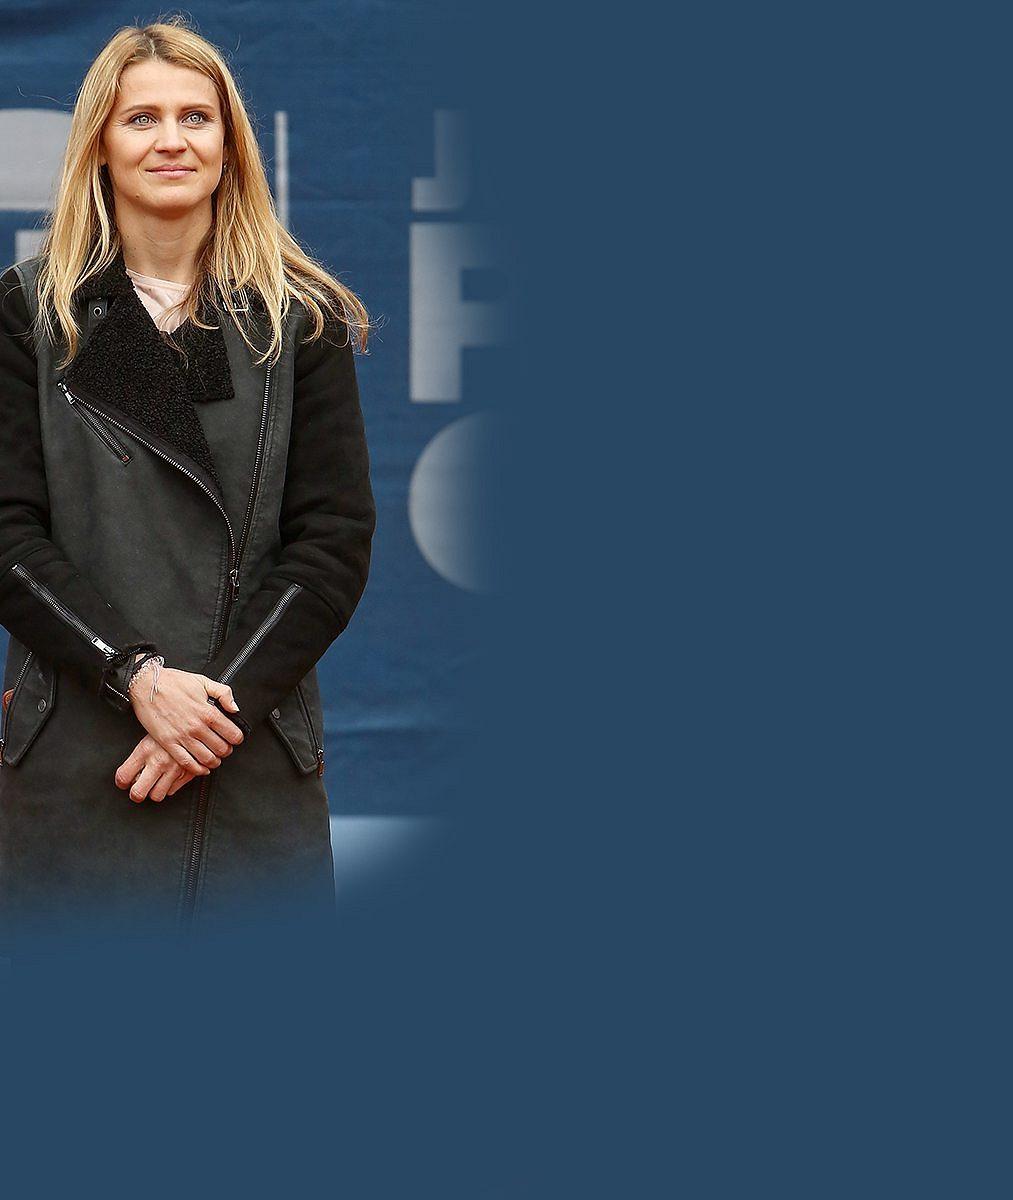 Lucie Šafářová ukázala půlroční dcerku a prozradila, jestli s hokejistou Plekancem uvažují o dalších dětech